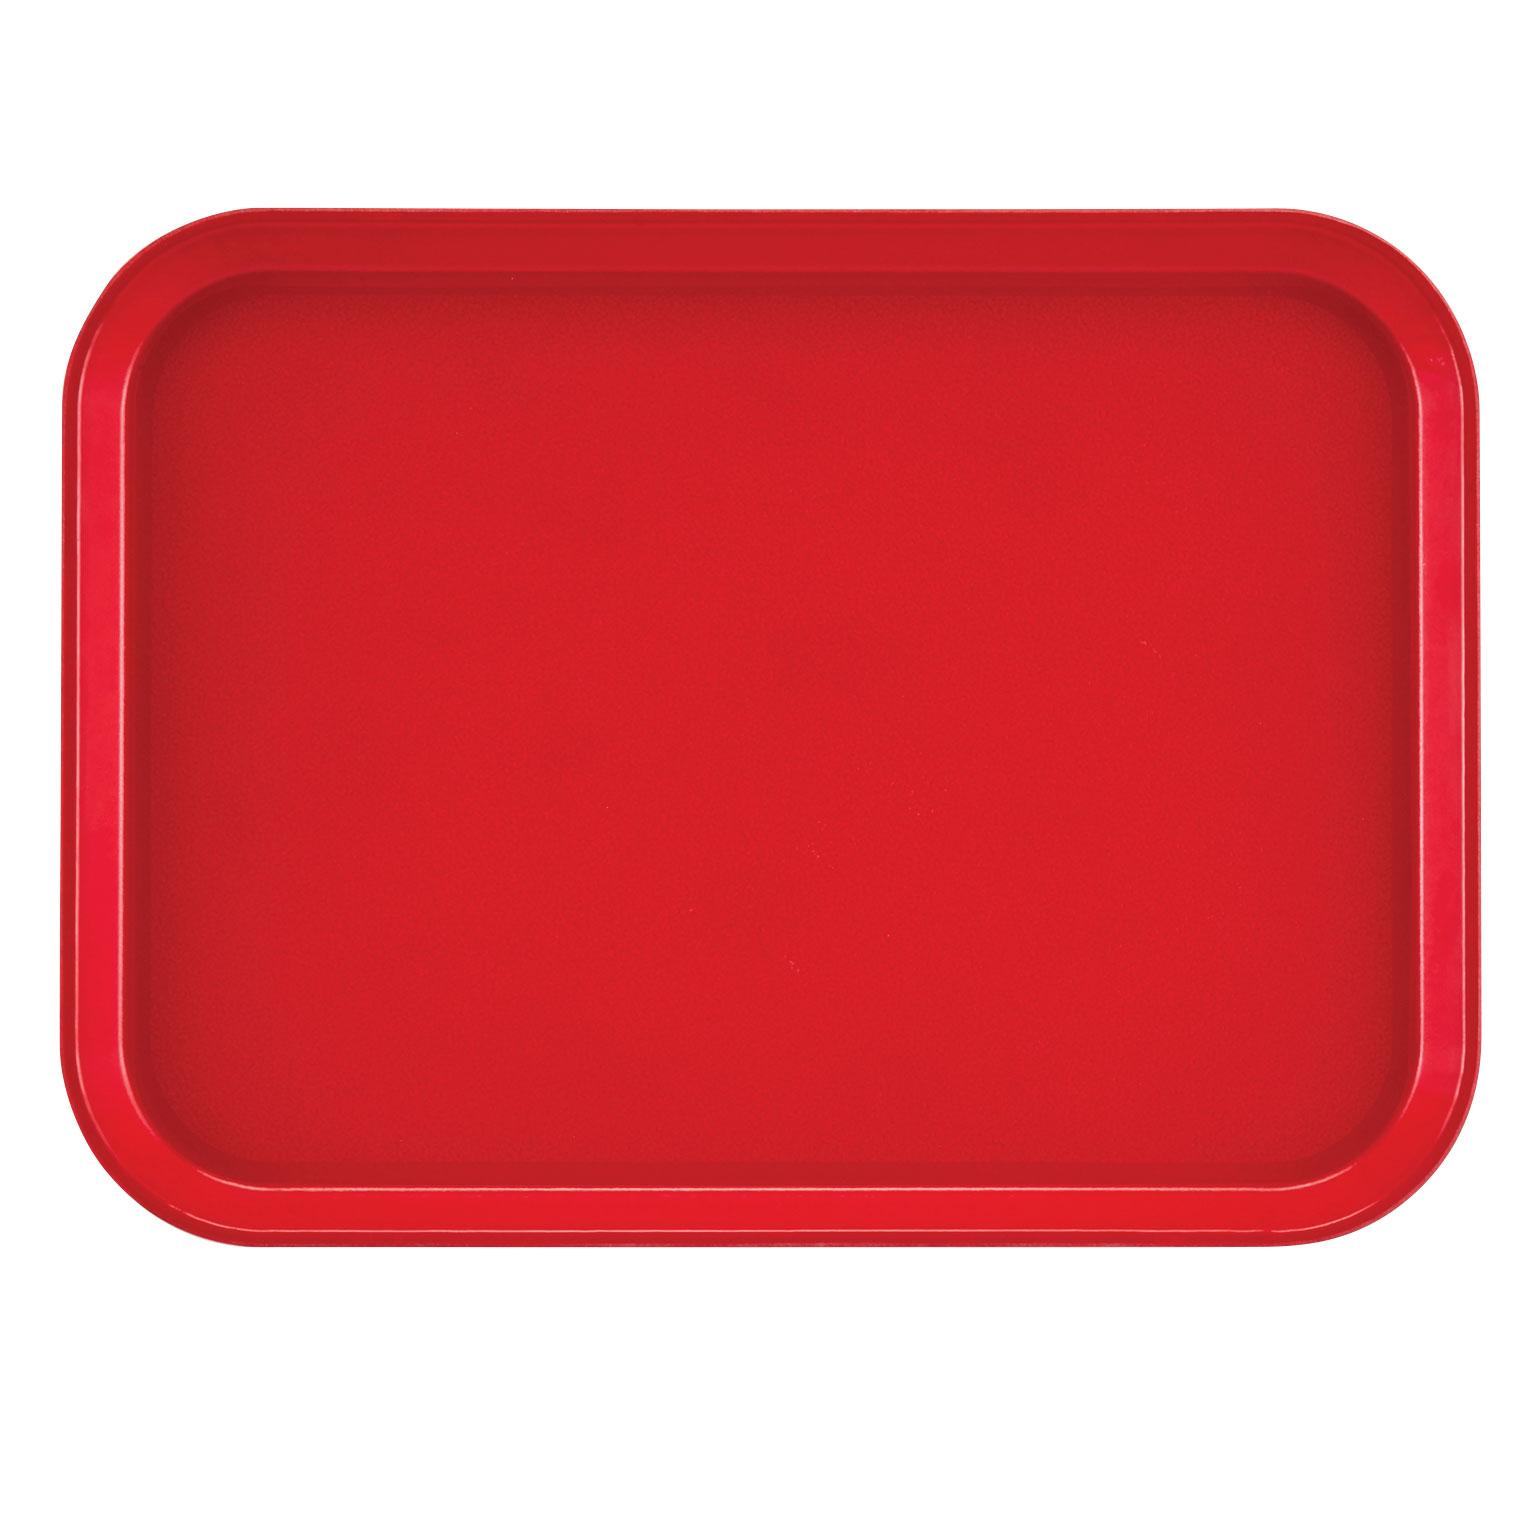 Cambro 1622521 cafeteria tray